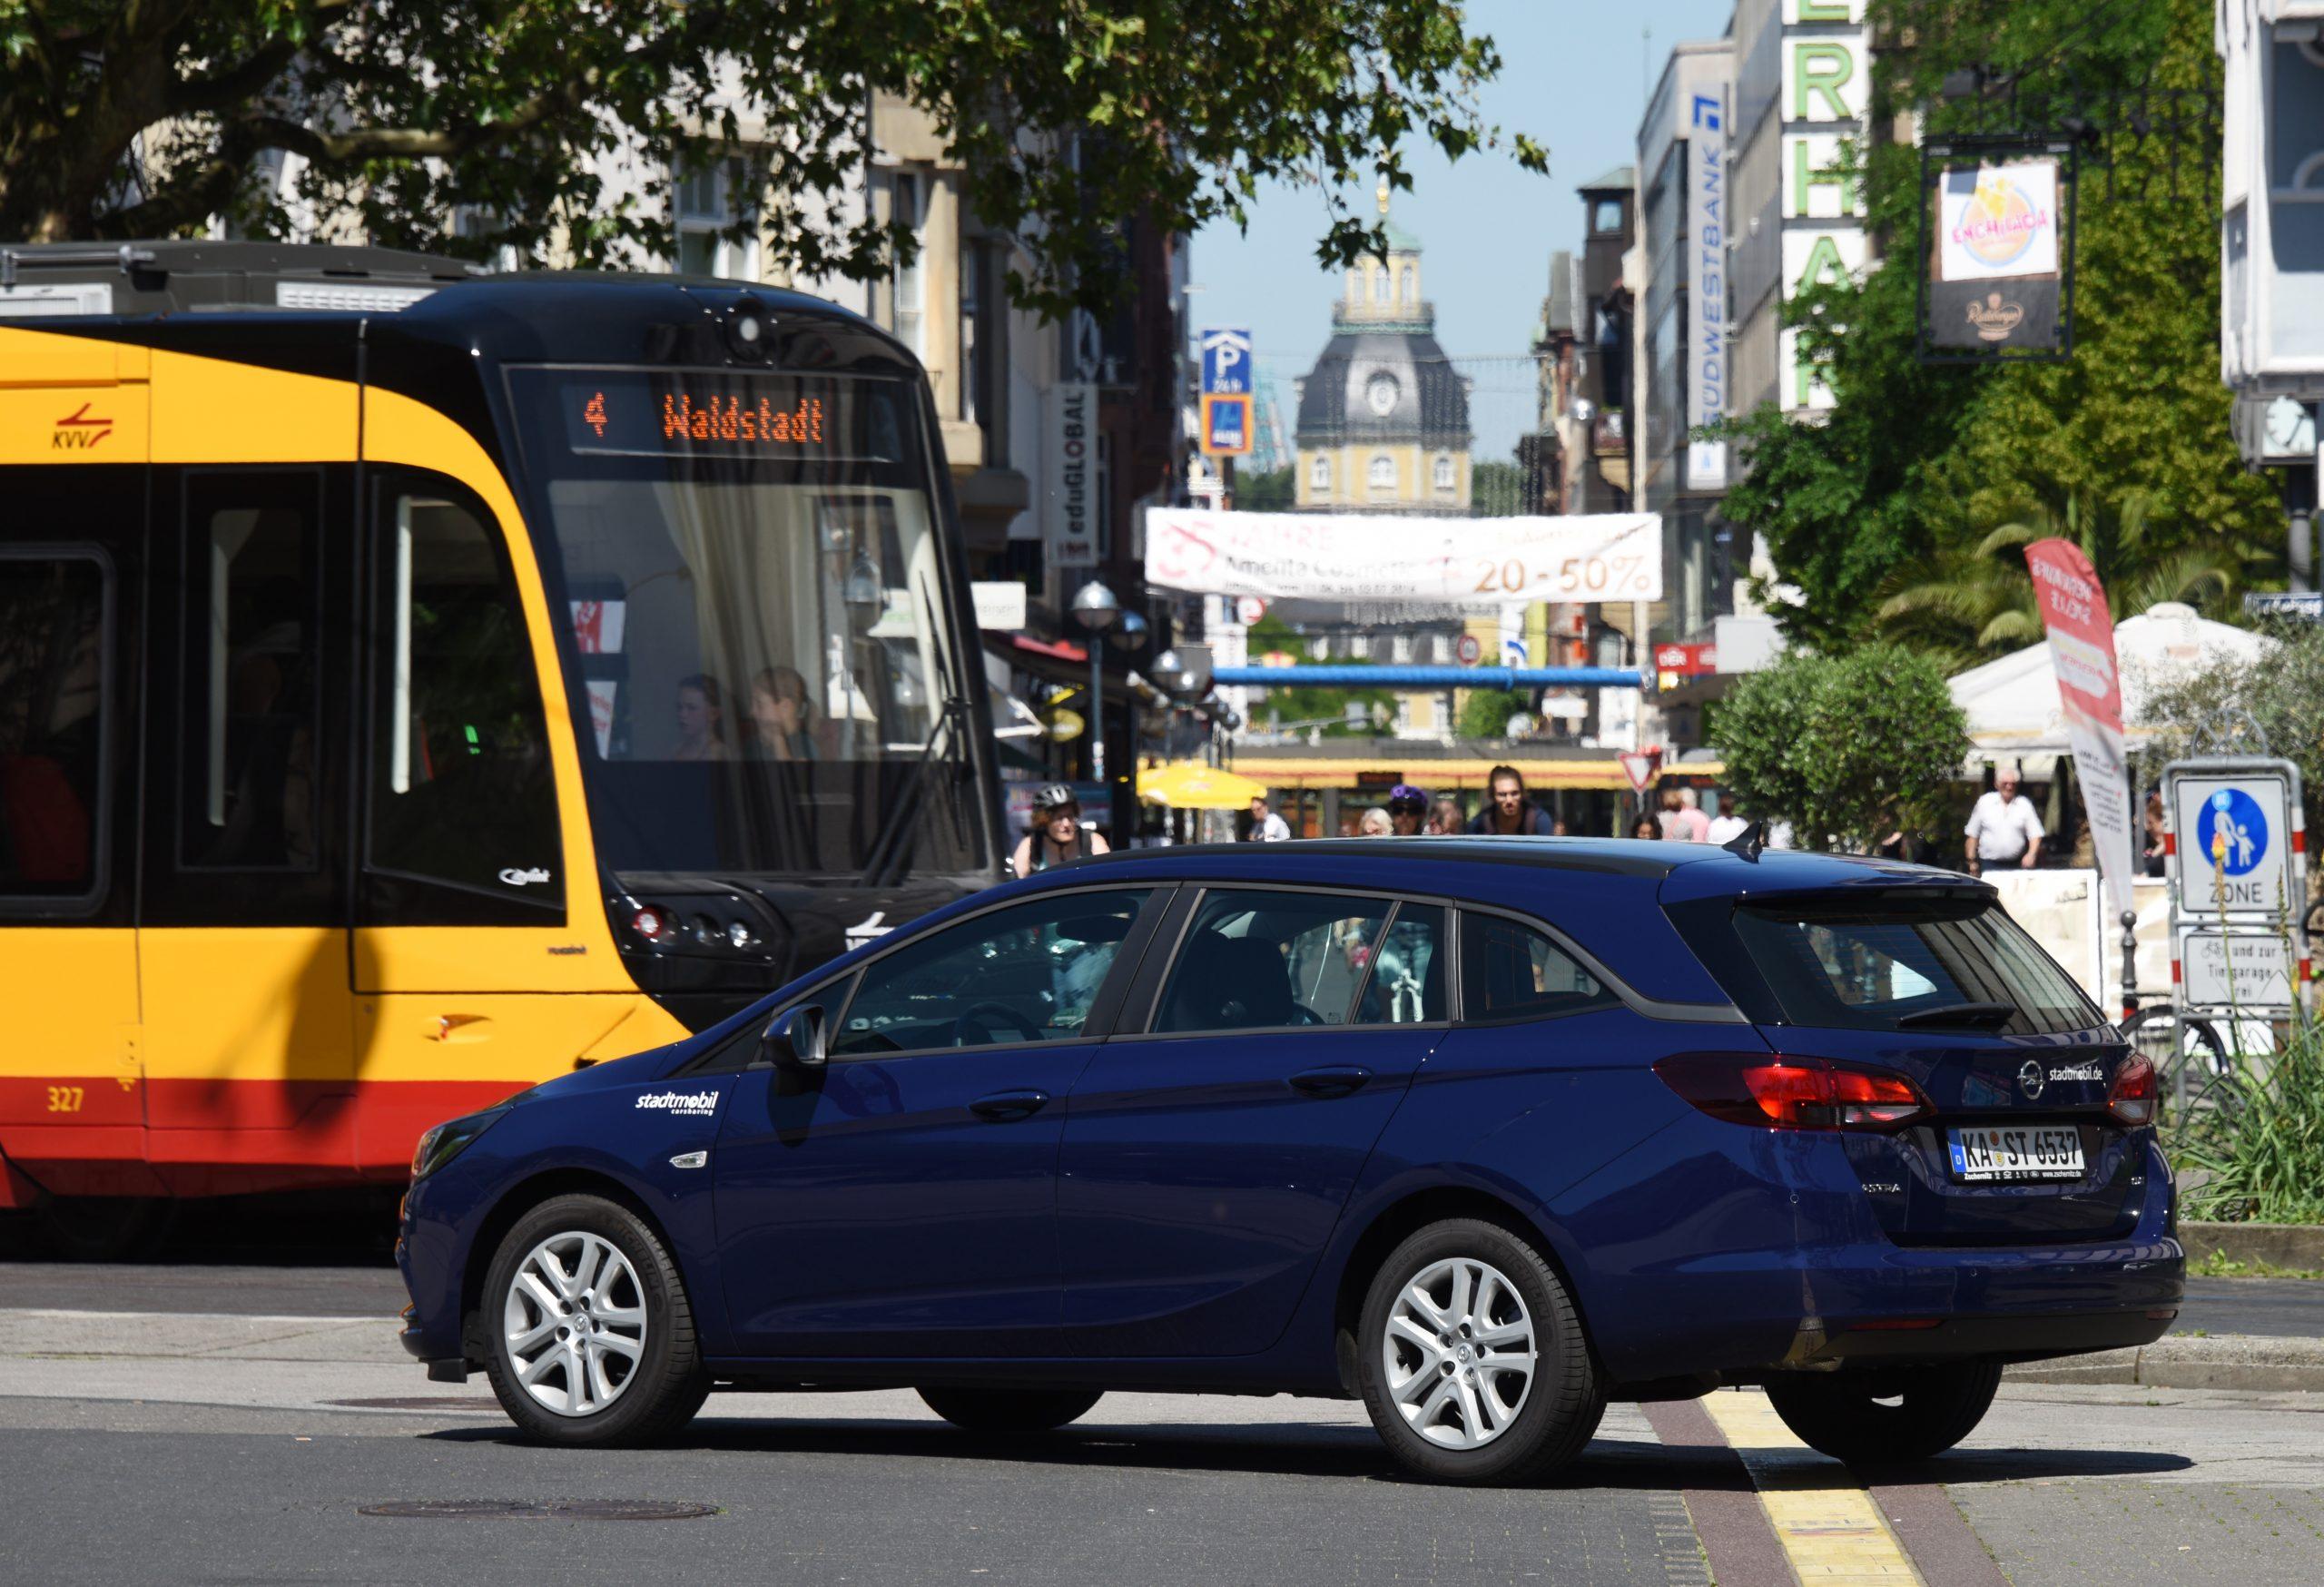 Stationäres Carsharing spart Platz, Geld und CO2. Doch die Vorteile von Gemeinschaftsautos nutzen bislang hauptsächlich Menschen in den Städten. Das möchte das Zukunftsnetz Mobilität NRW ändern, denn gerade in ländlichen Gebieten sind die Strecken lang und andere Verkehrsmittel mitunter rar.